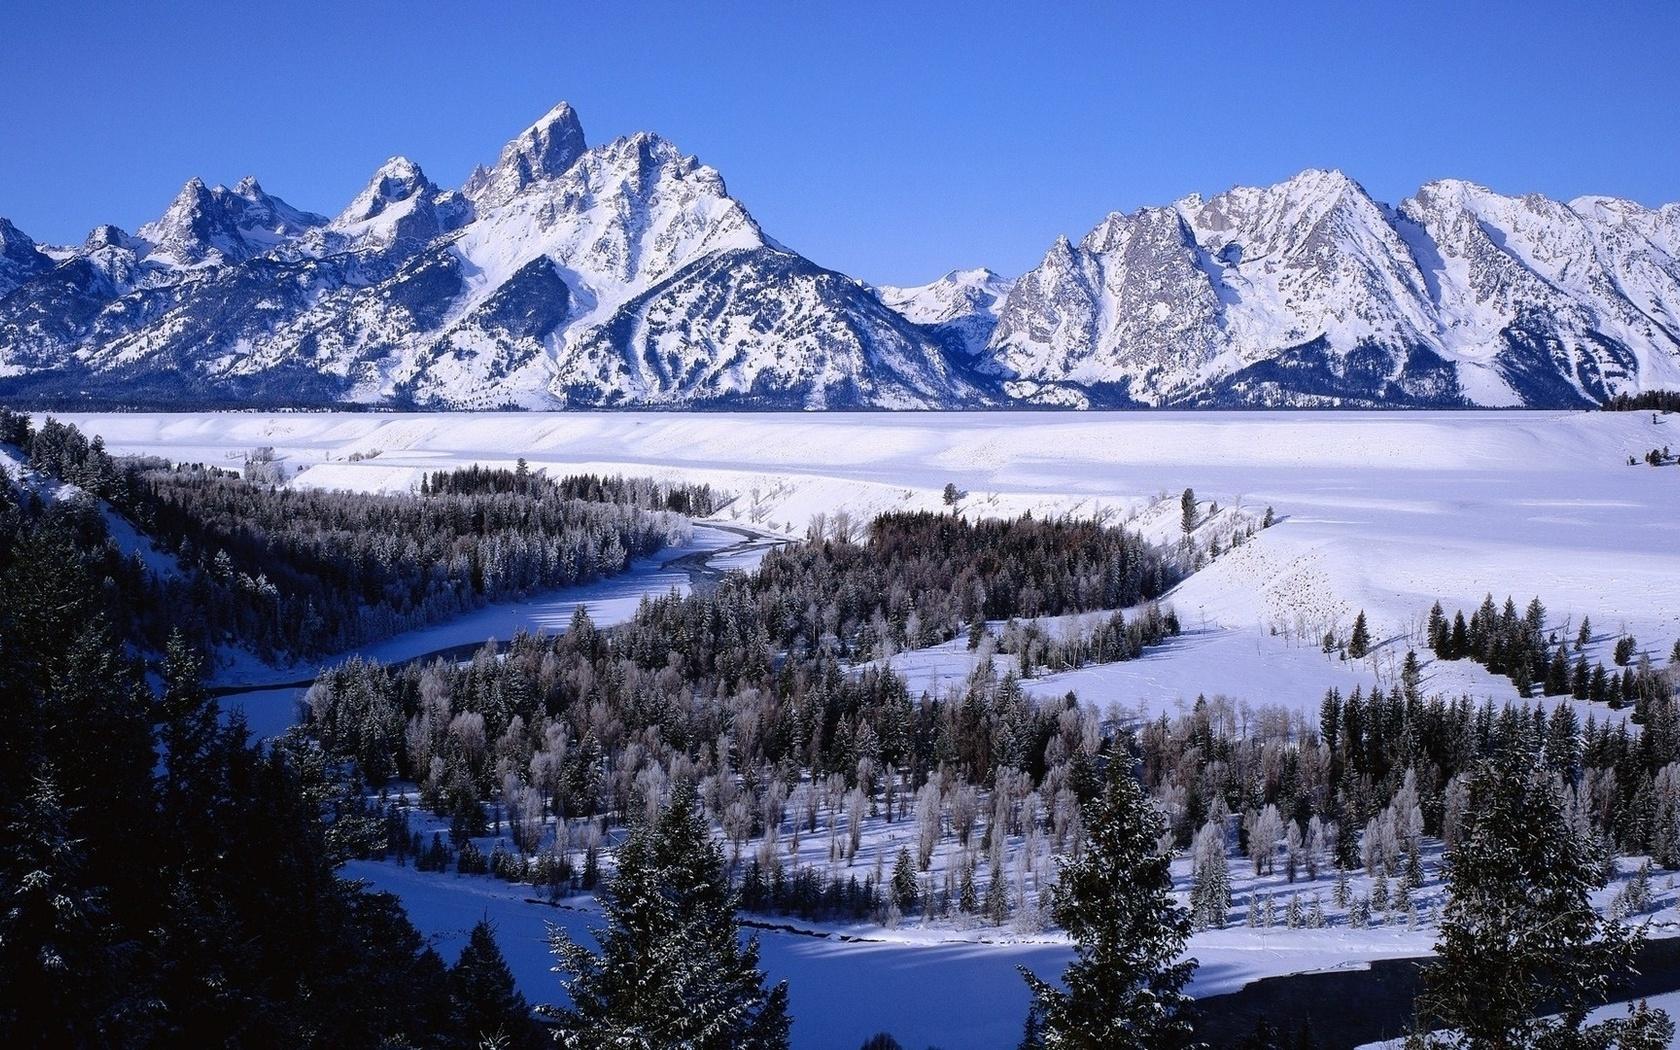 монтируют картинка горы в снегу услугам гостей трехуровневый